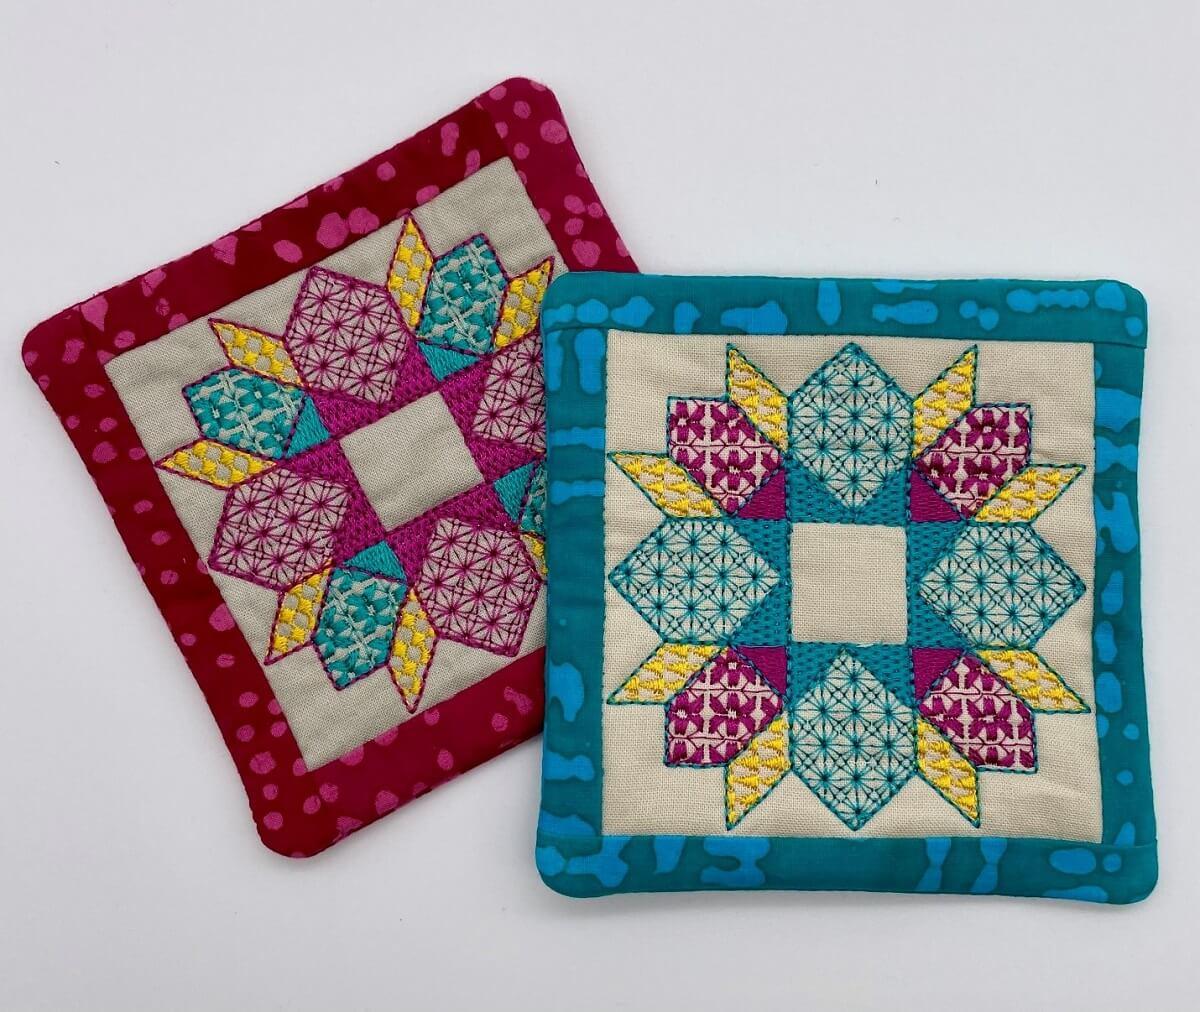 In-the-hoop embroidery mug rugs